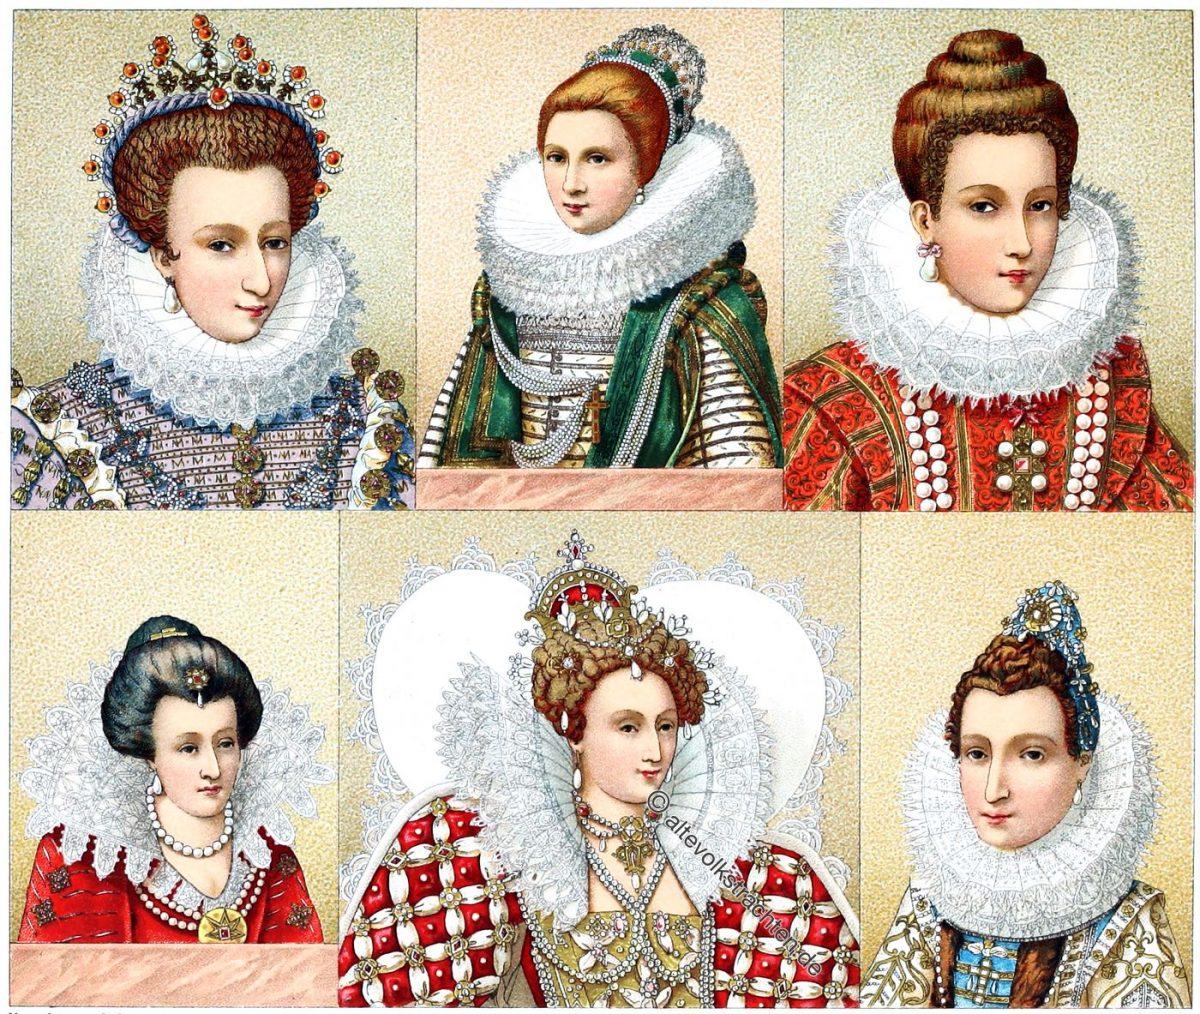 Spanische Mode. Halskrausen, Frisuren, Kostüme. Mode des Barock. England Tudor Mode Epoche. 16. und 17. Jahrhundert. Historische Trachten und Kostüme.